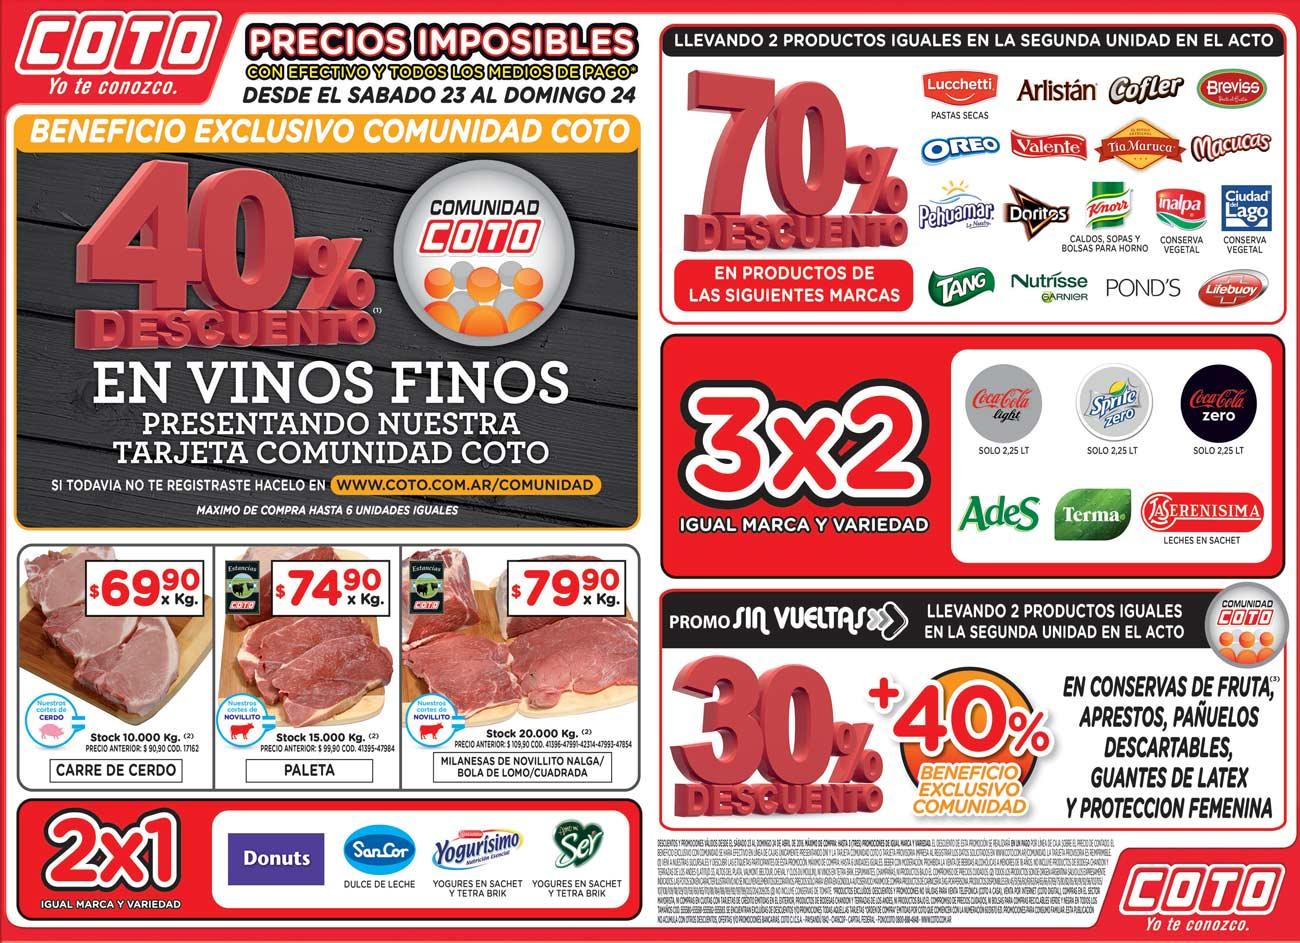 c84033e5d Ofertas COTO fin de semana: Exclusivo Comunidad Coto: 40% de descuento  Vinos Finos. 2x1 Donuts, dulce de leche Sancor, yogures sachet y tetra brik  ...